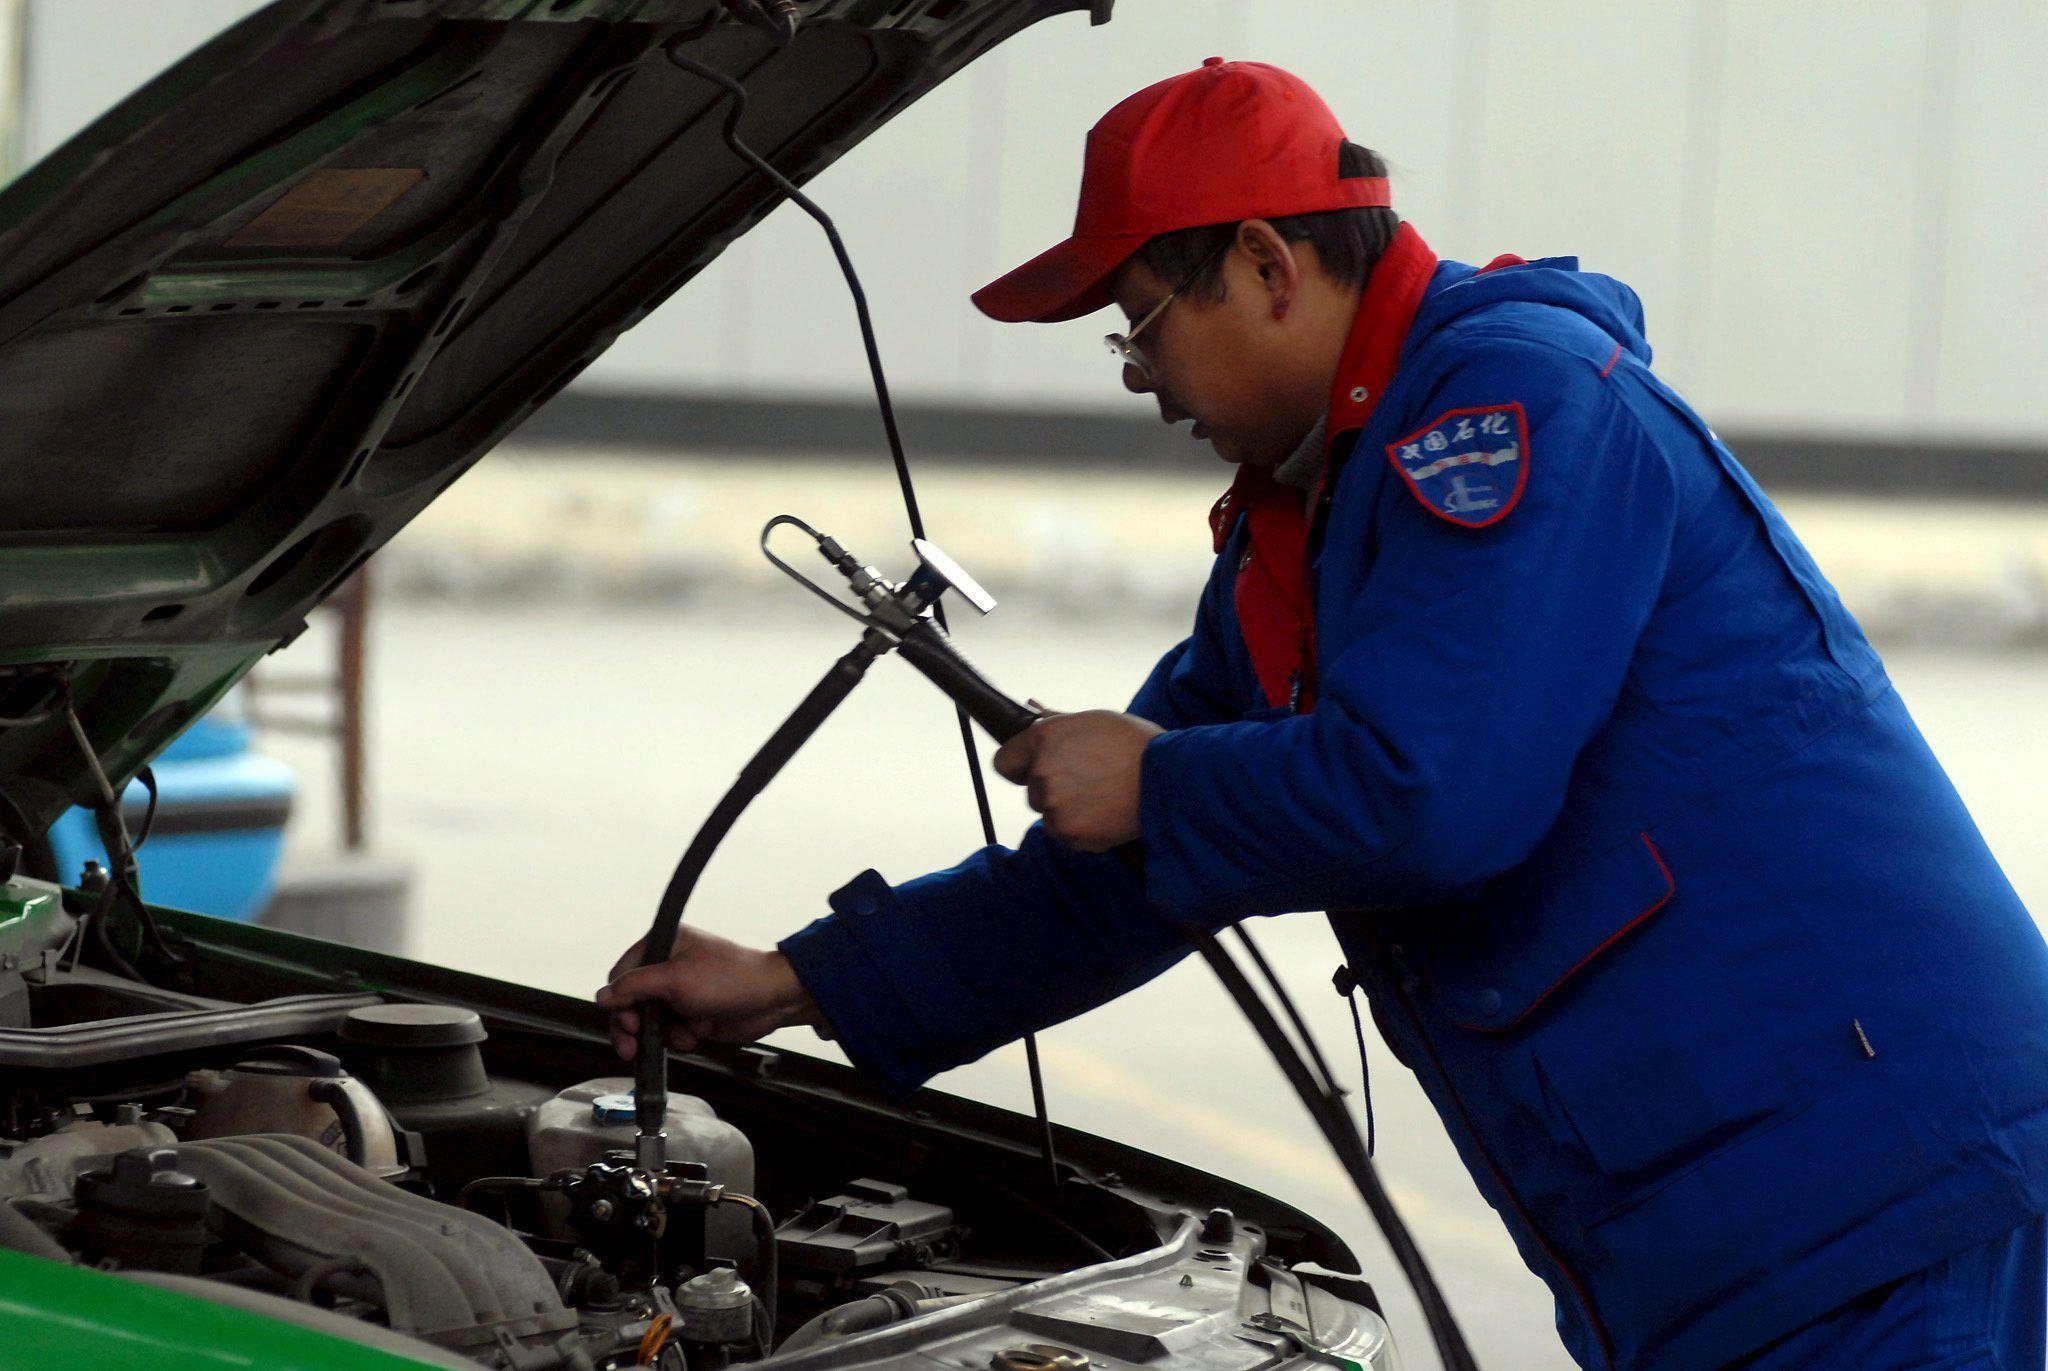 Siglato l'accordo per l'uso di gas naturale per le auto in Europa